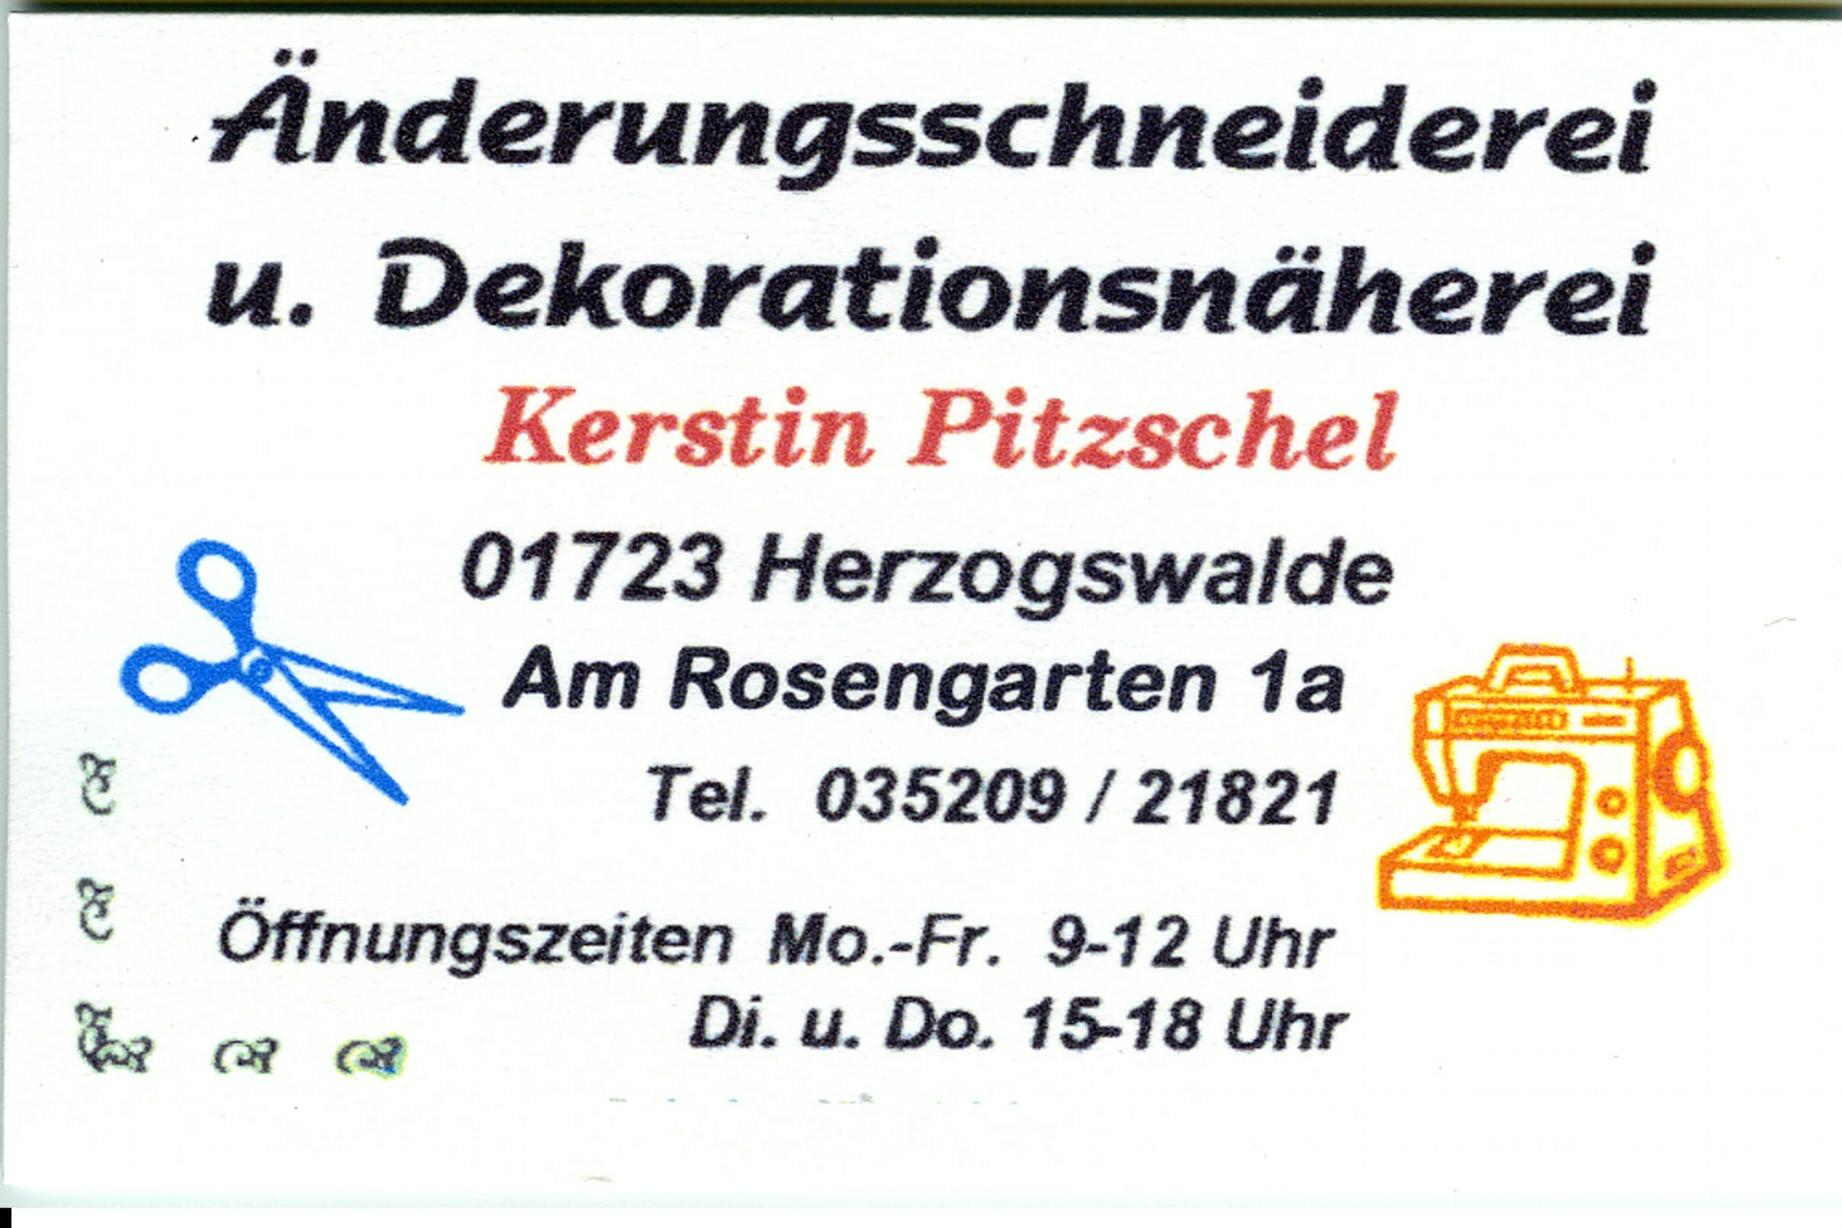 03-ÄnderungsschneidereiPitzschel_Kerstin